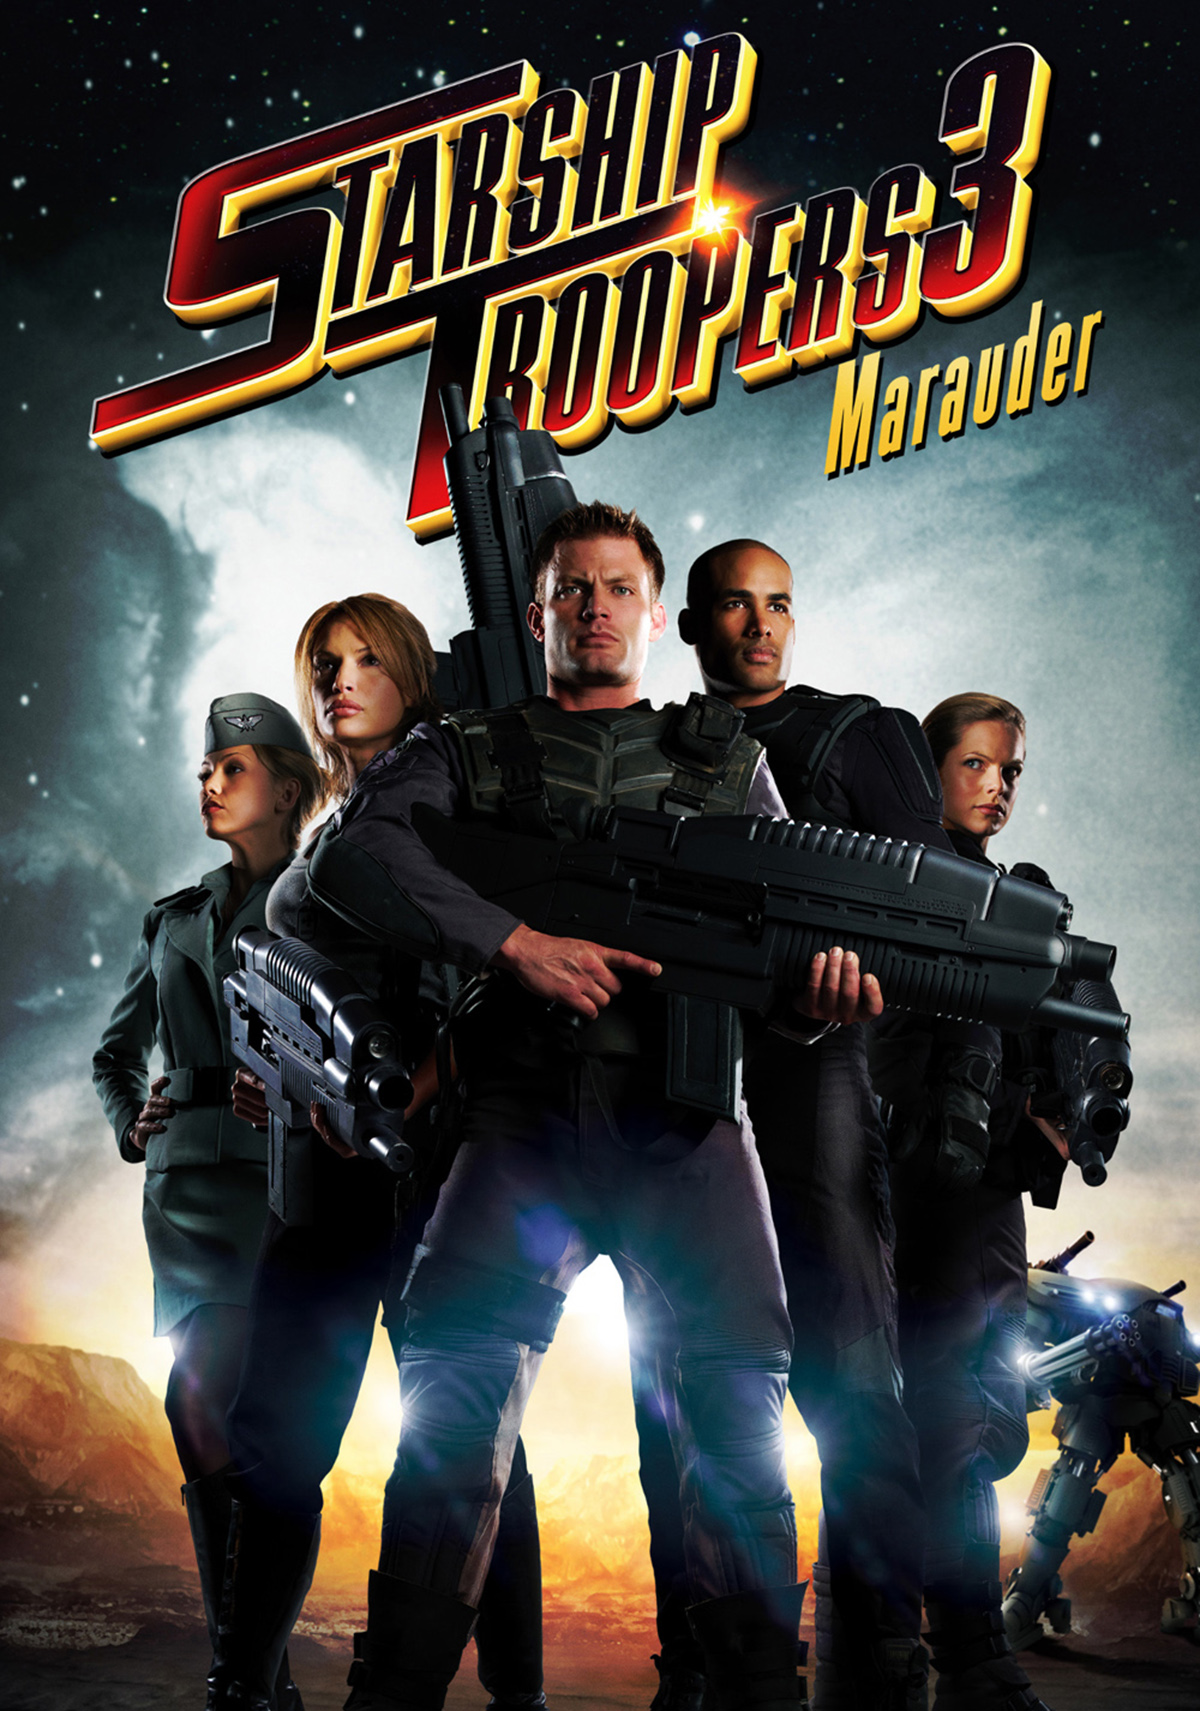 Bild von Starship Troopers 3: Marauder - Bild 50 auf 59